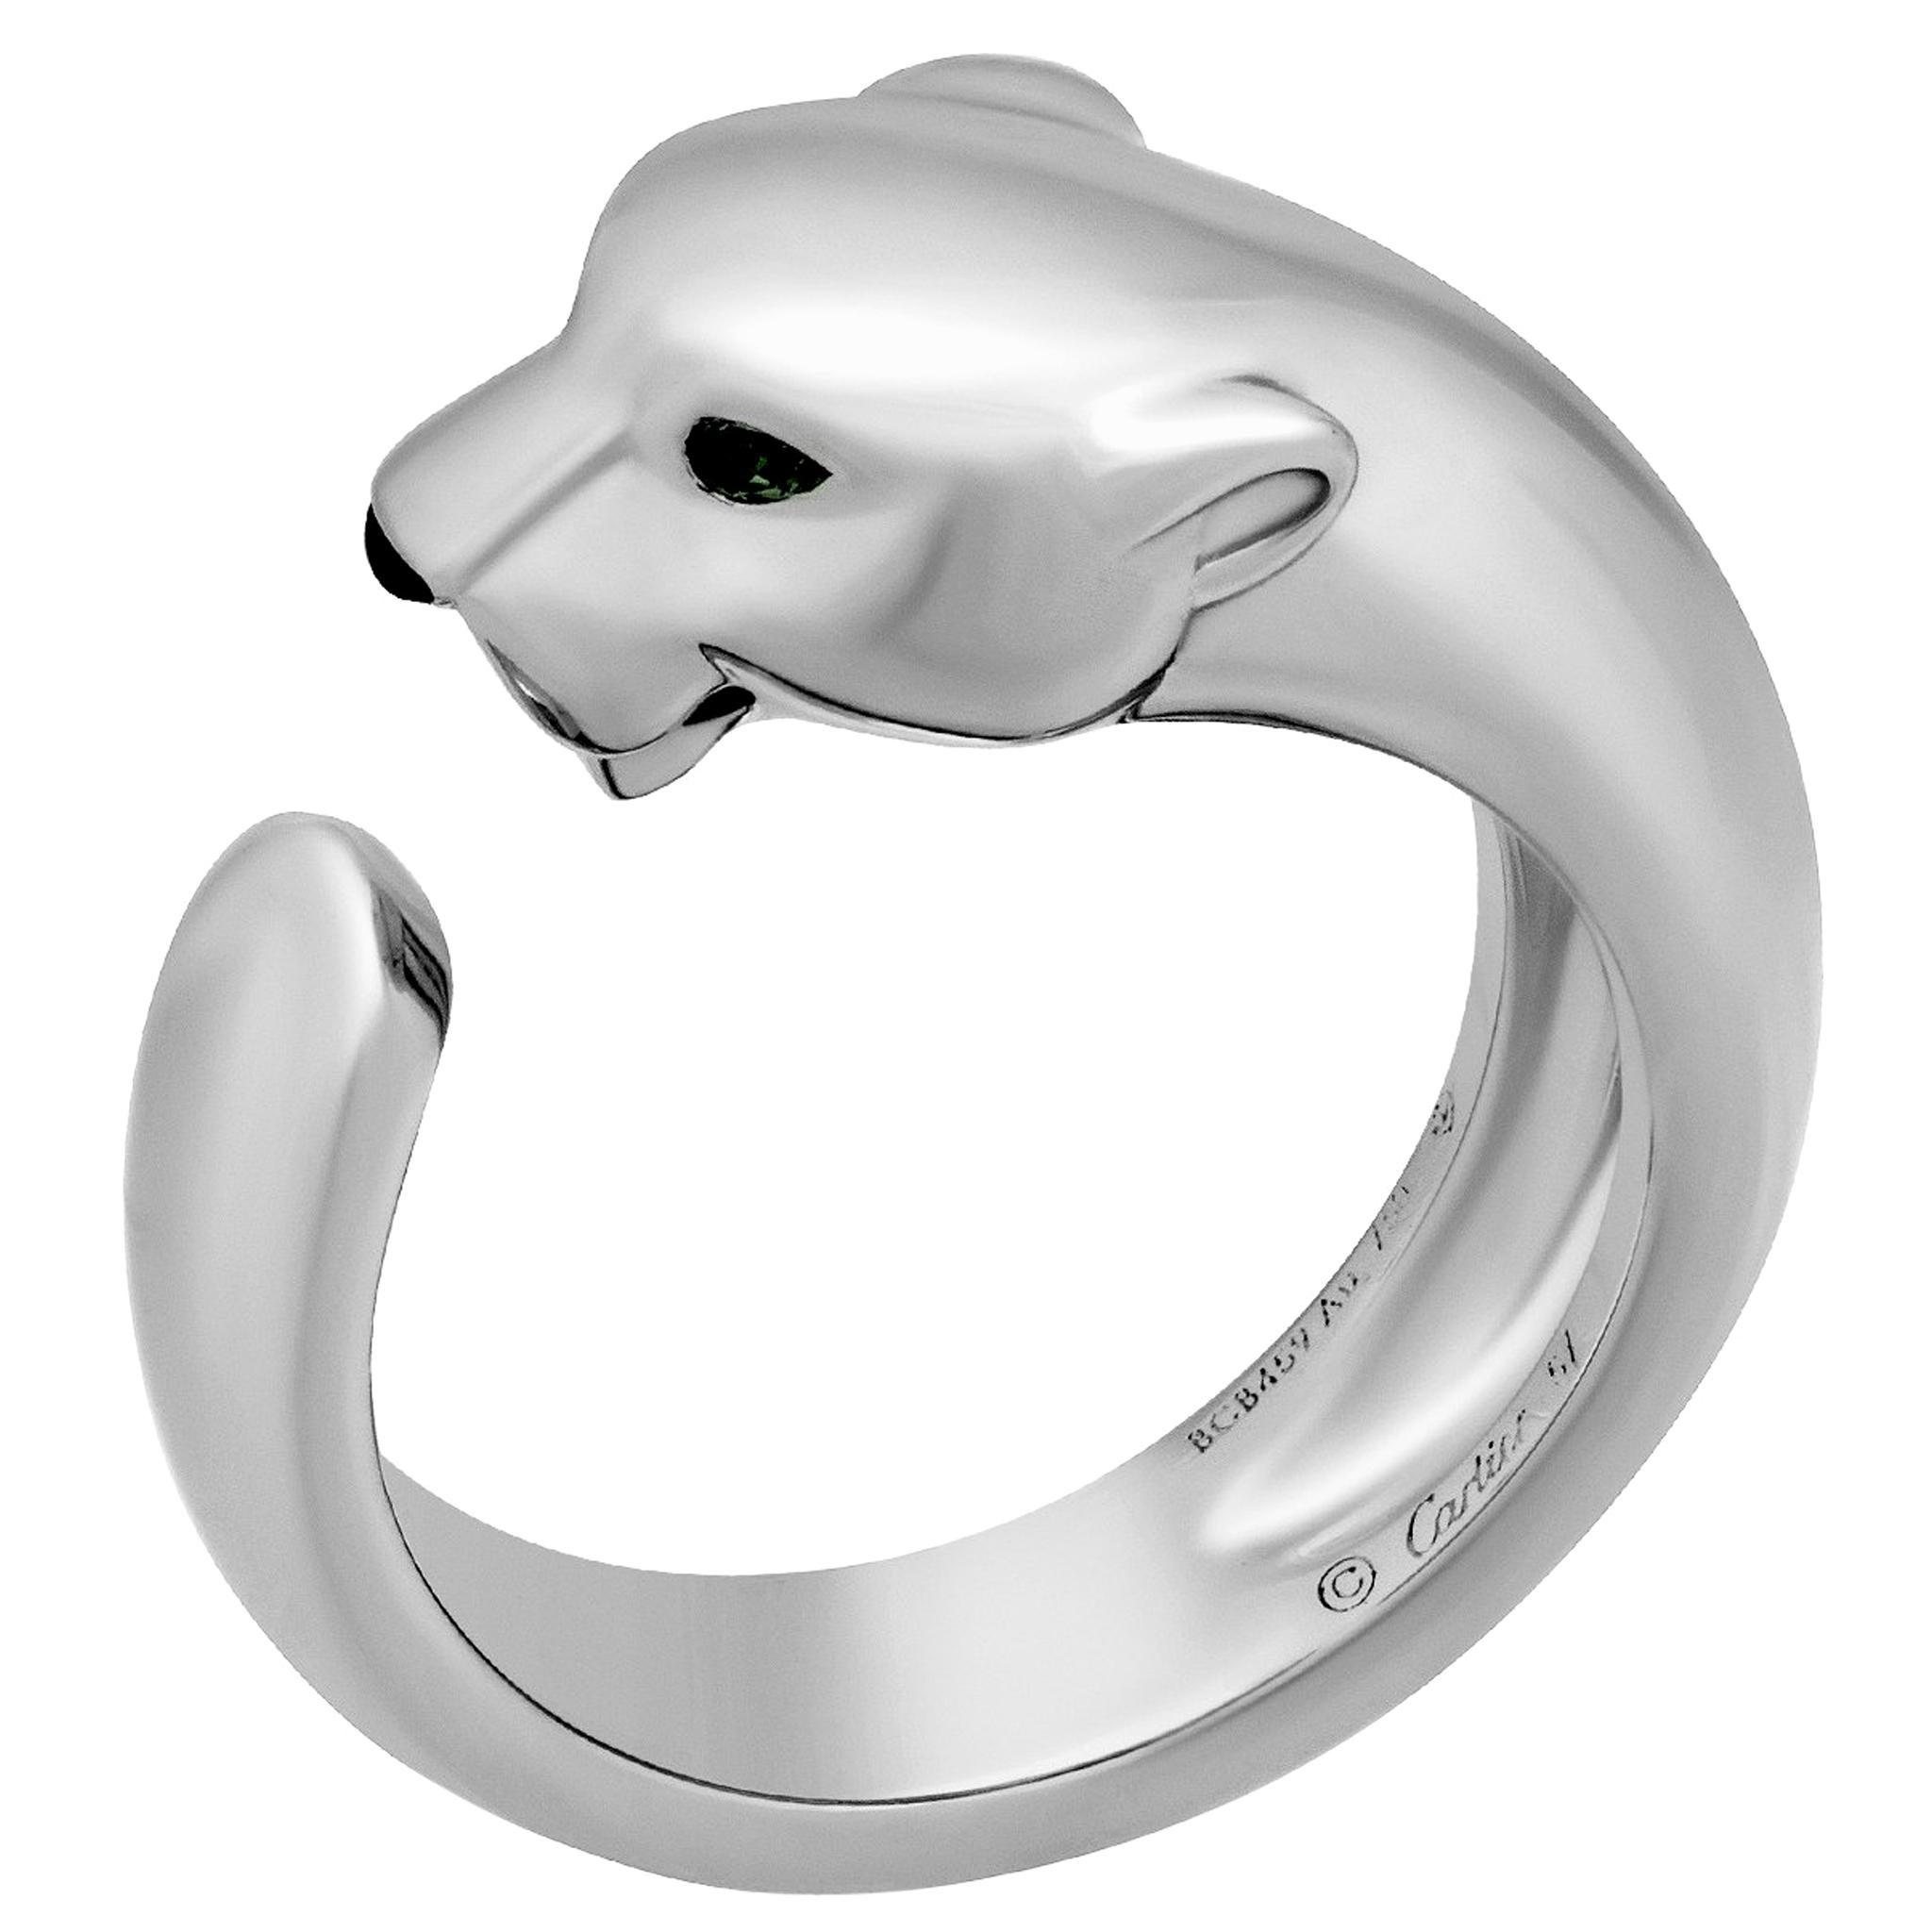 Cartier 18 Karat White Gold Panthere de Cartier Ring